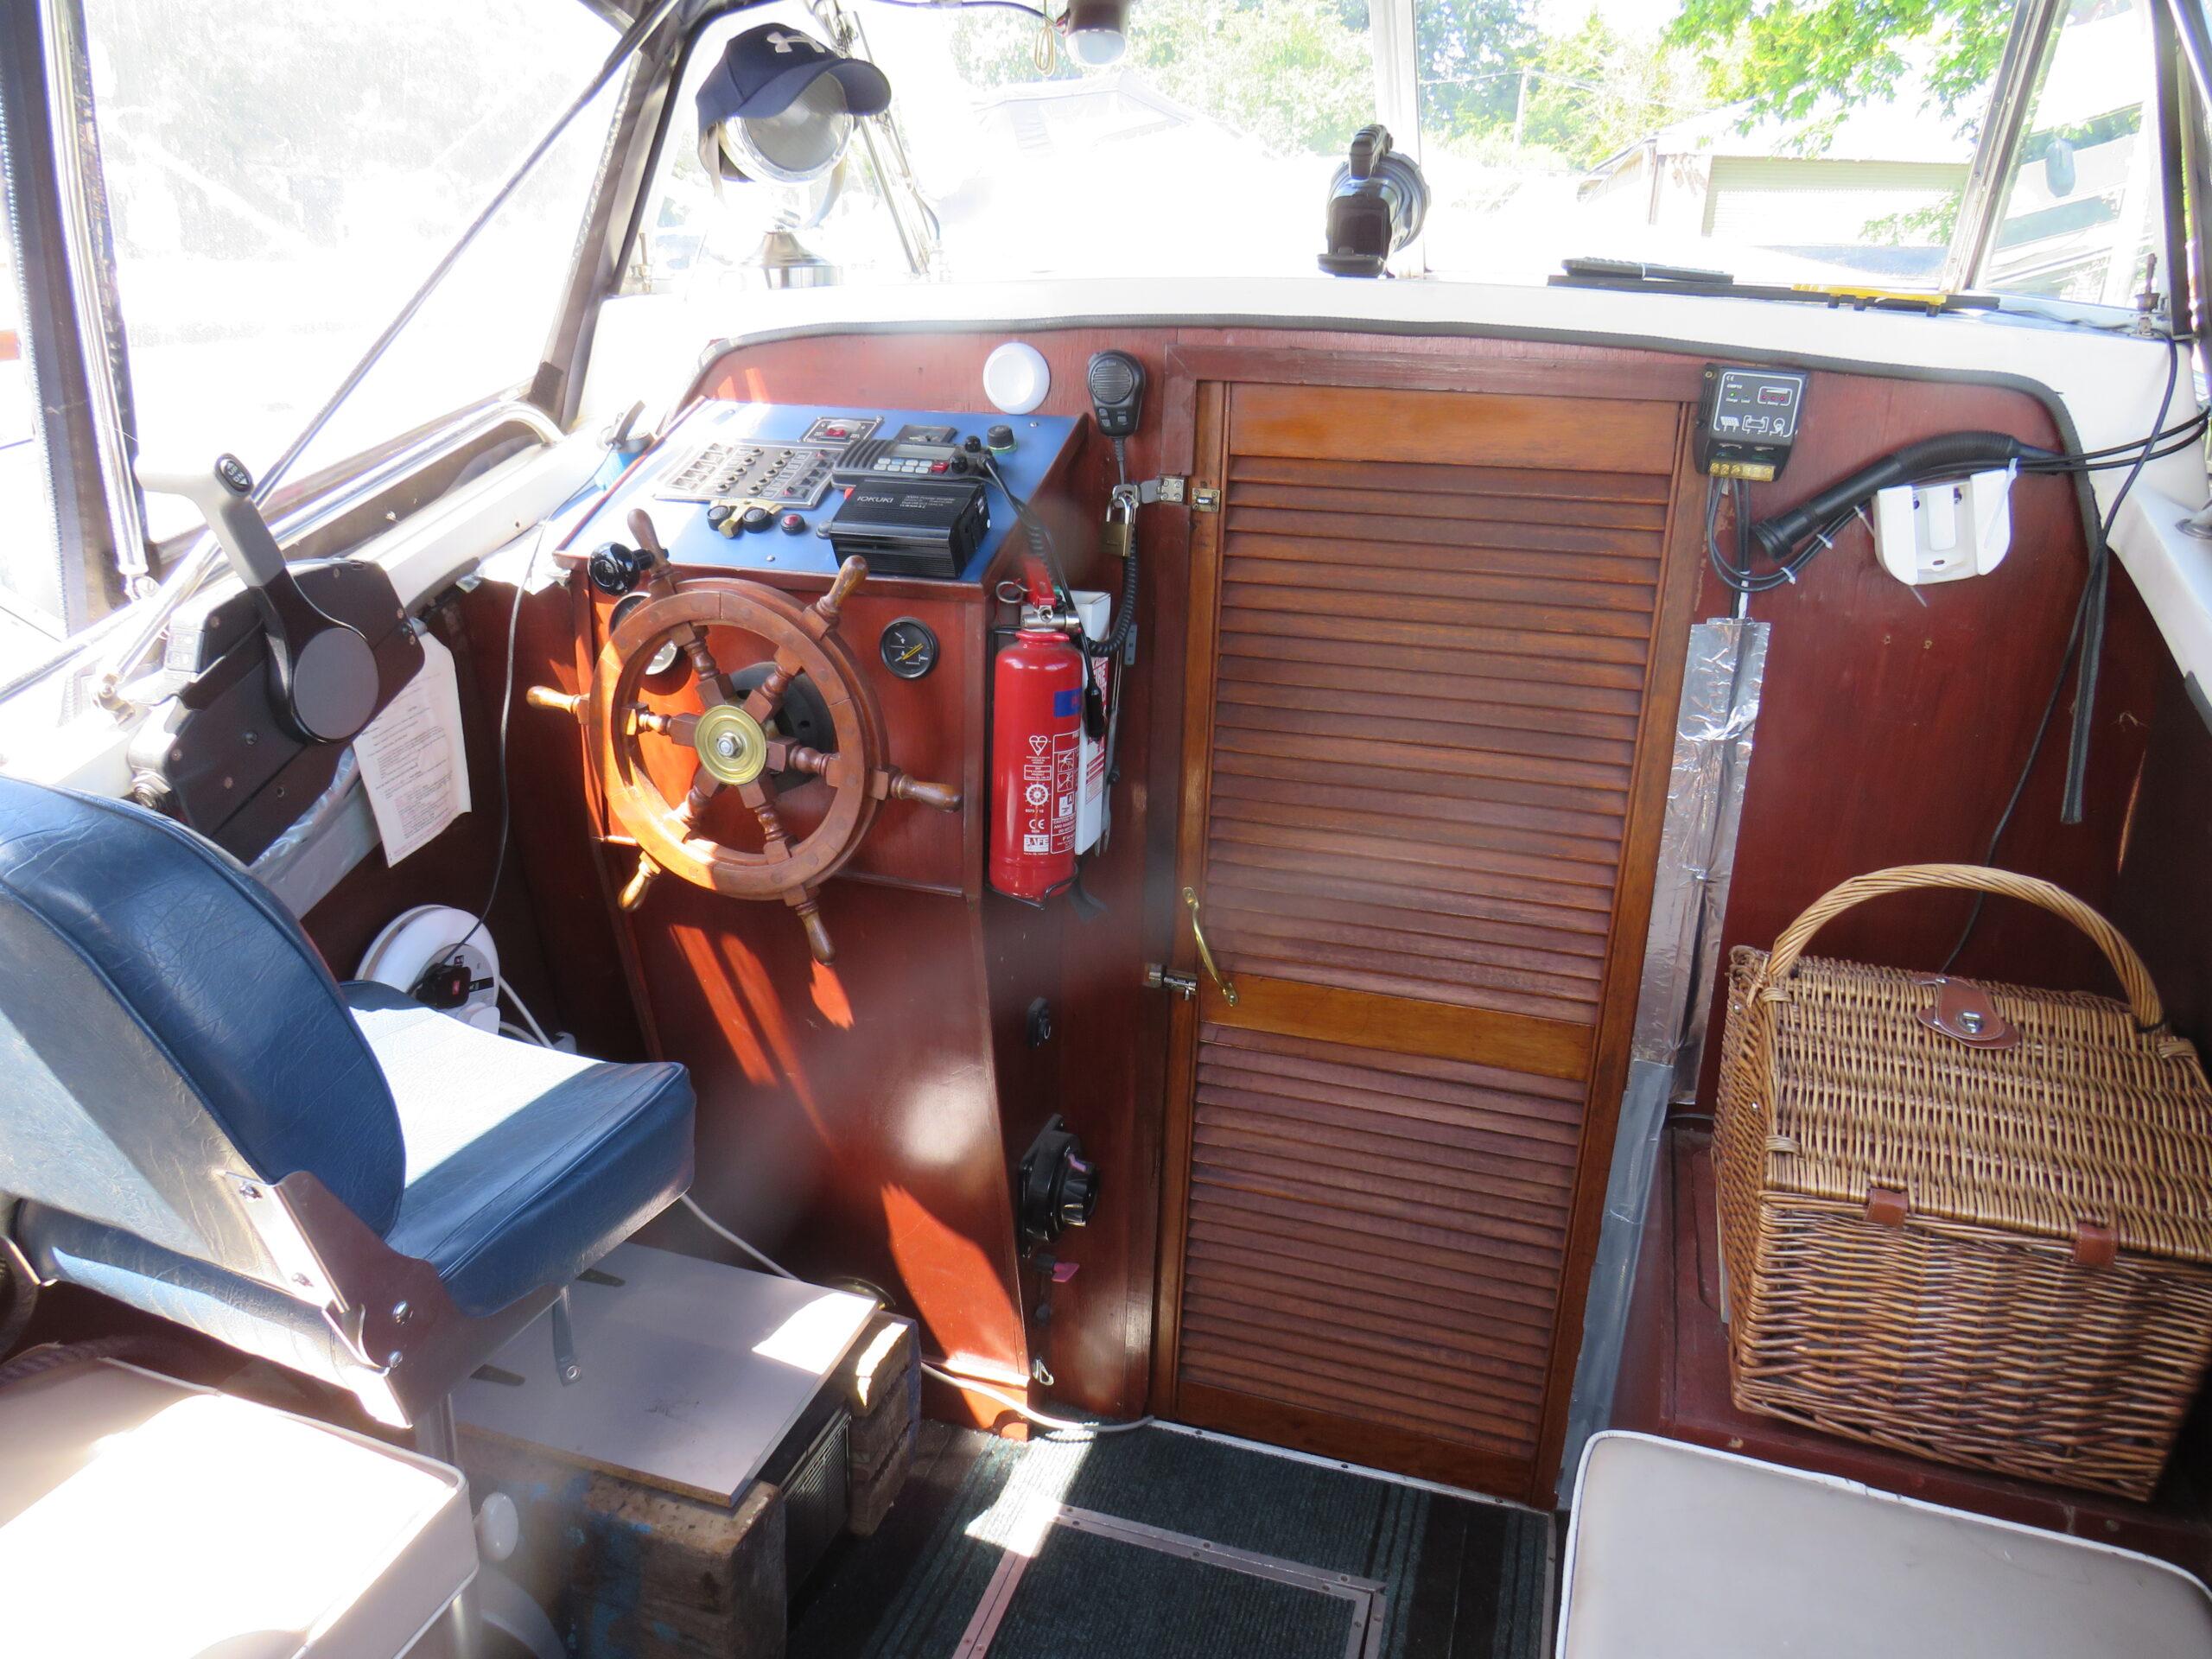 Viking 32 Aft Cabin Kalami - image